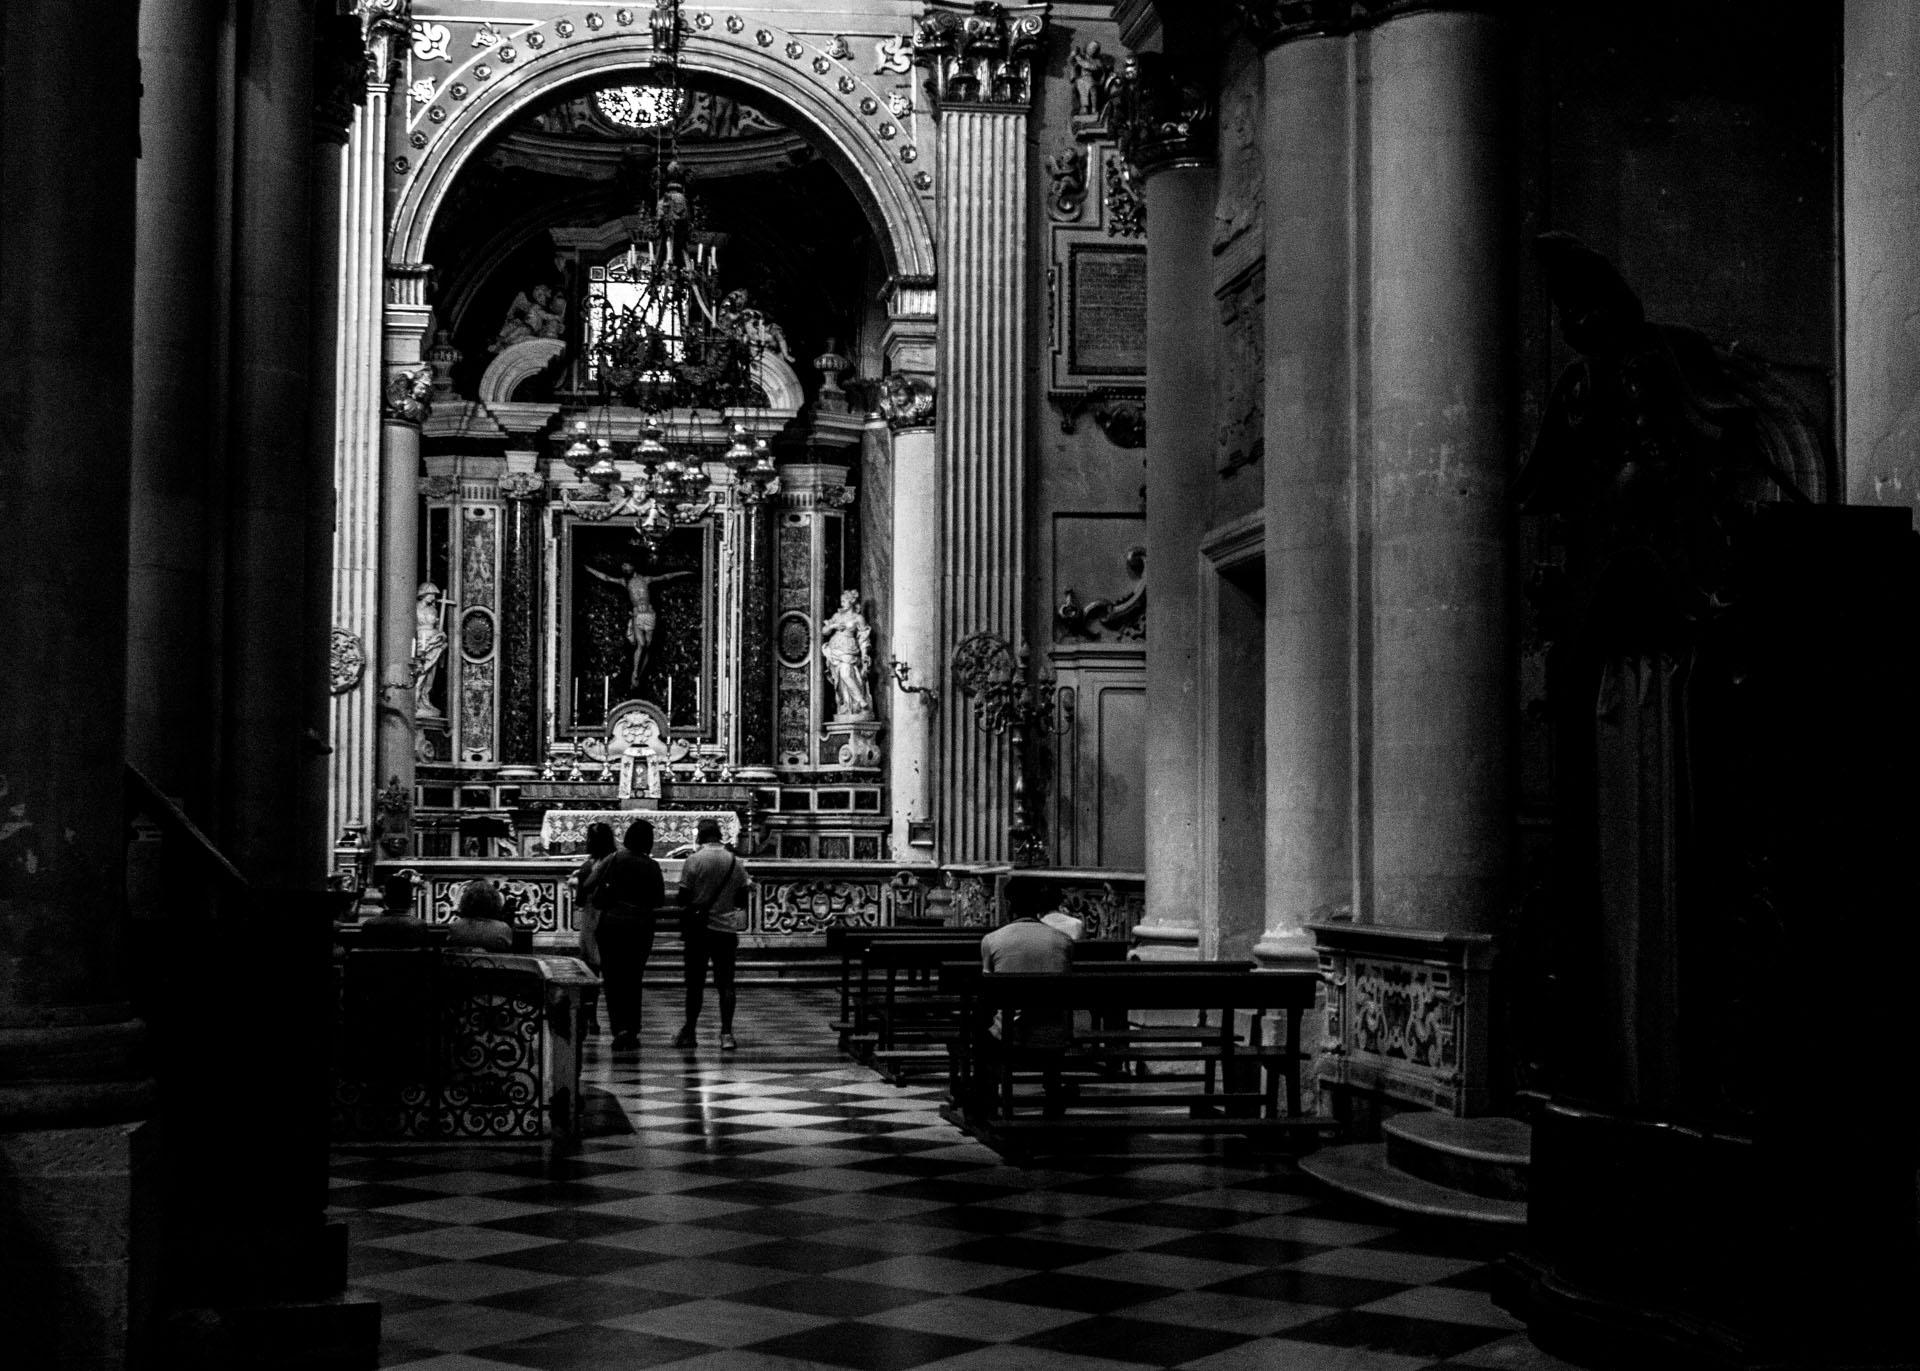 Turisti e fedeli in religioso silenzio alla Cappella del Crocefisso del Duomo di Lecce